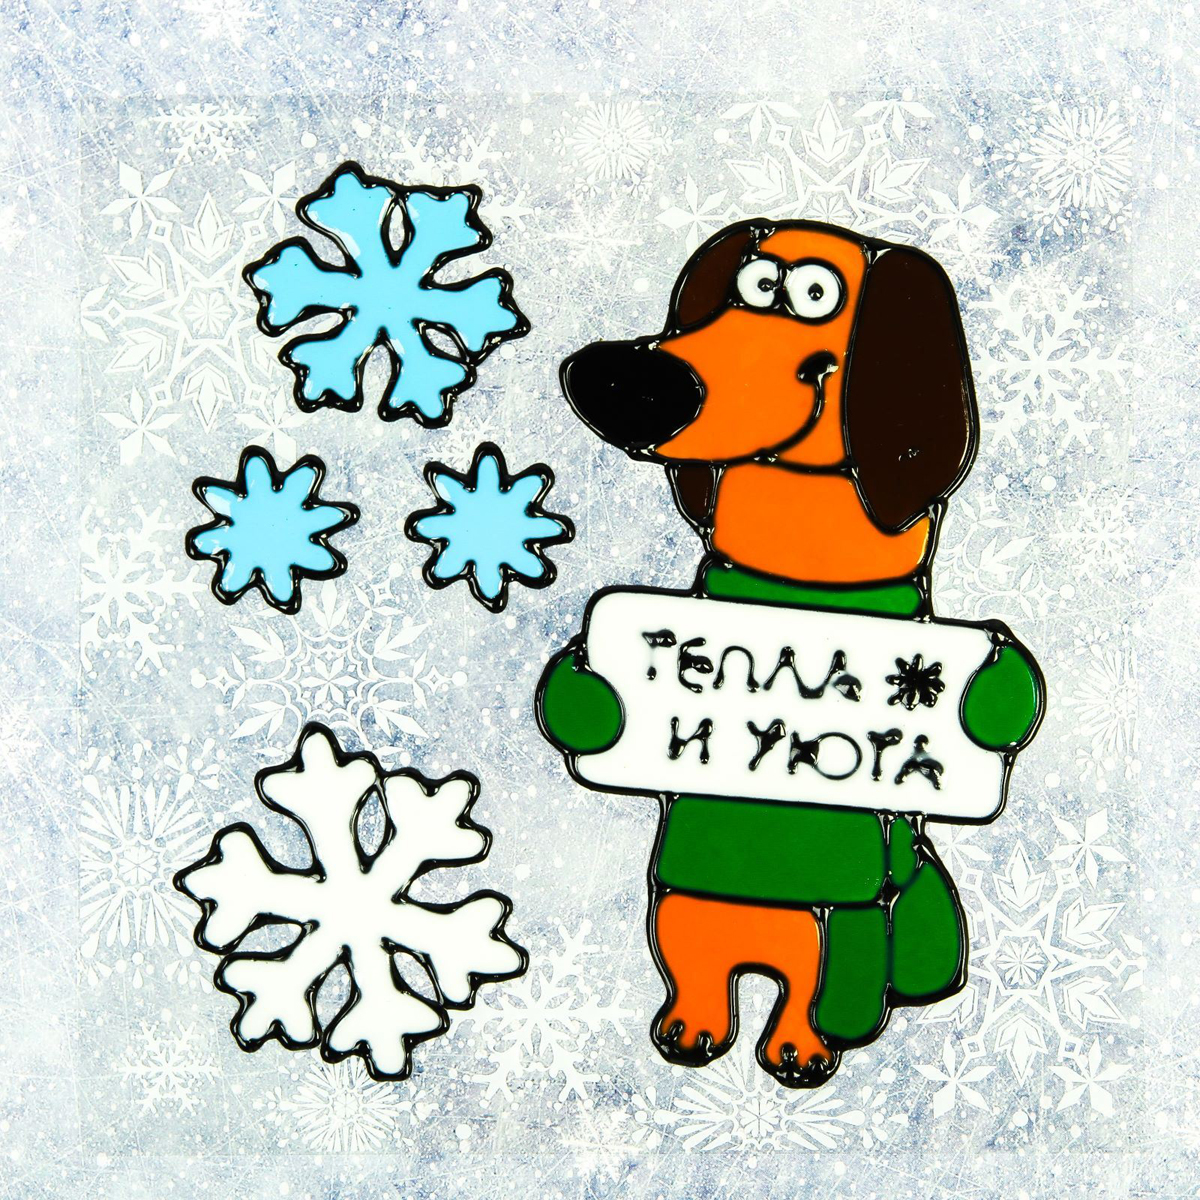 Украшение новогоднее оконное Тепла и уюта, 20 х 20 см1982859Новогоднее оконное украшение Тепла и уюта поможет украсить дом кпредстоящим праздникам. Яркая наклейка крепится к гладкой поверхности стекла посредством статического эффекта. С помощью такого украшения вы сможете оживить интерьер по своему вкусу.Новогодние украшения всегда несут в себе волшебство и красоту праздника. Создайте в своем доме атмосферу тепла, веселья и радости, украшая его всей семьей.